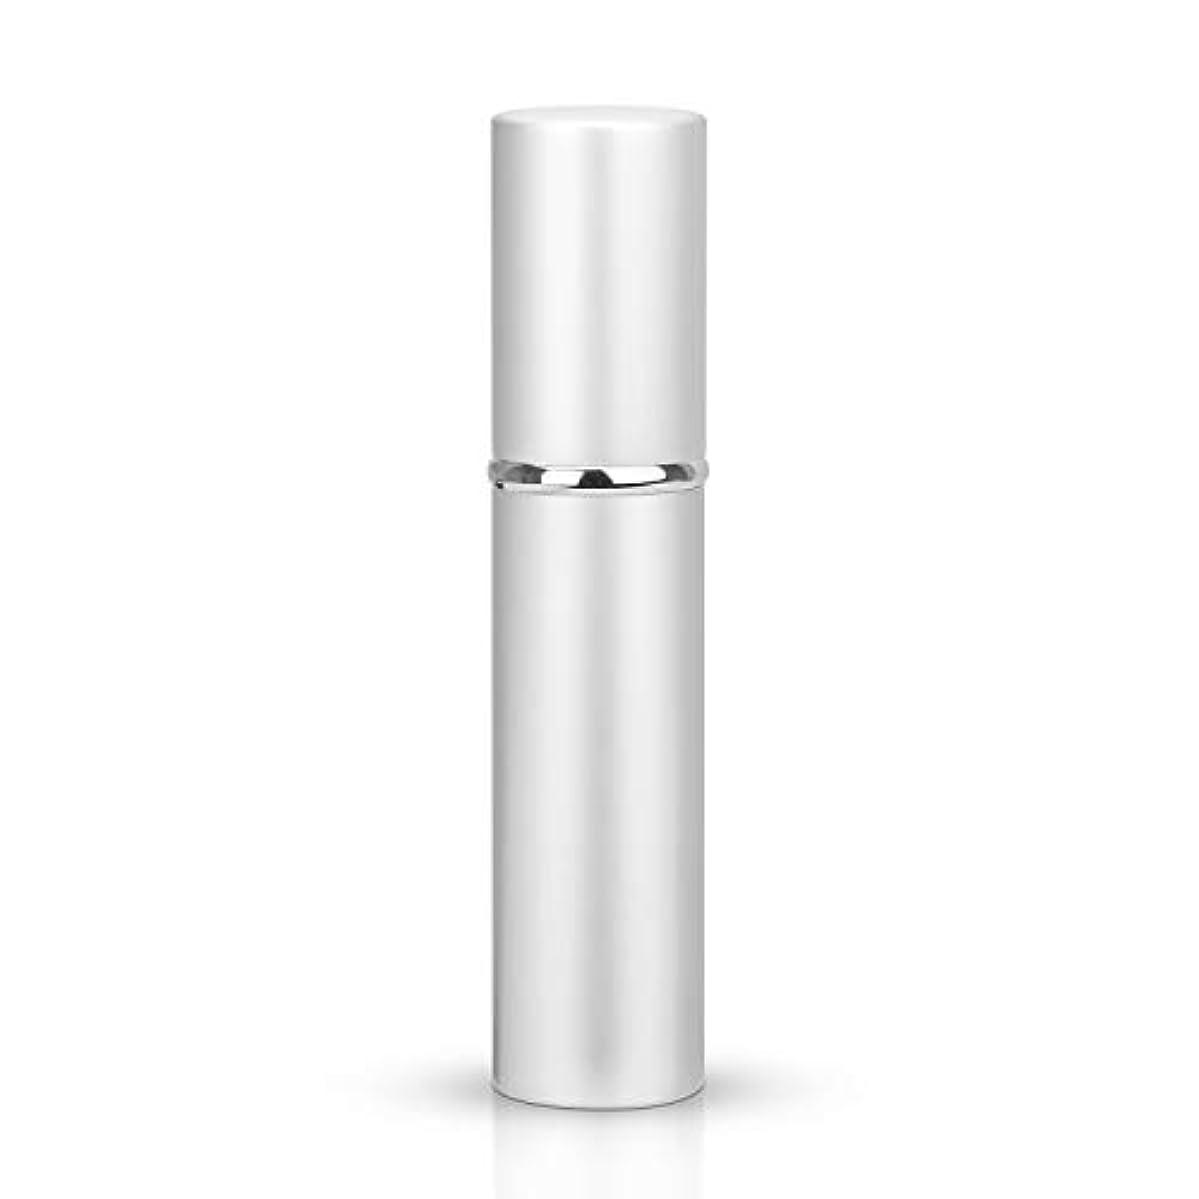 堀ラフ睡眠現金Louischanzl アトマイザー 香水スプレー 噴霧器 詰め替え容器 底部充填方式 携帯用5ml (Silver-シルバー)